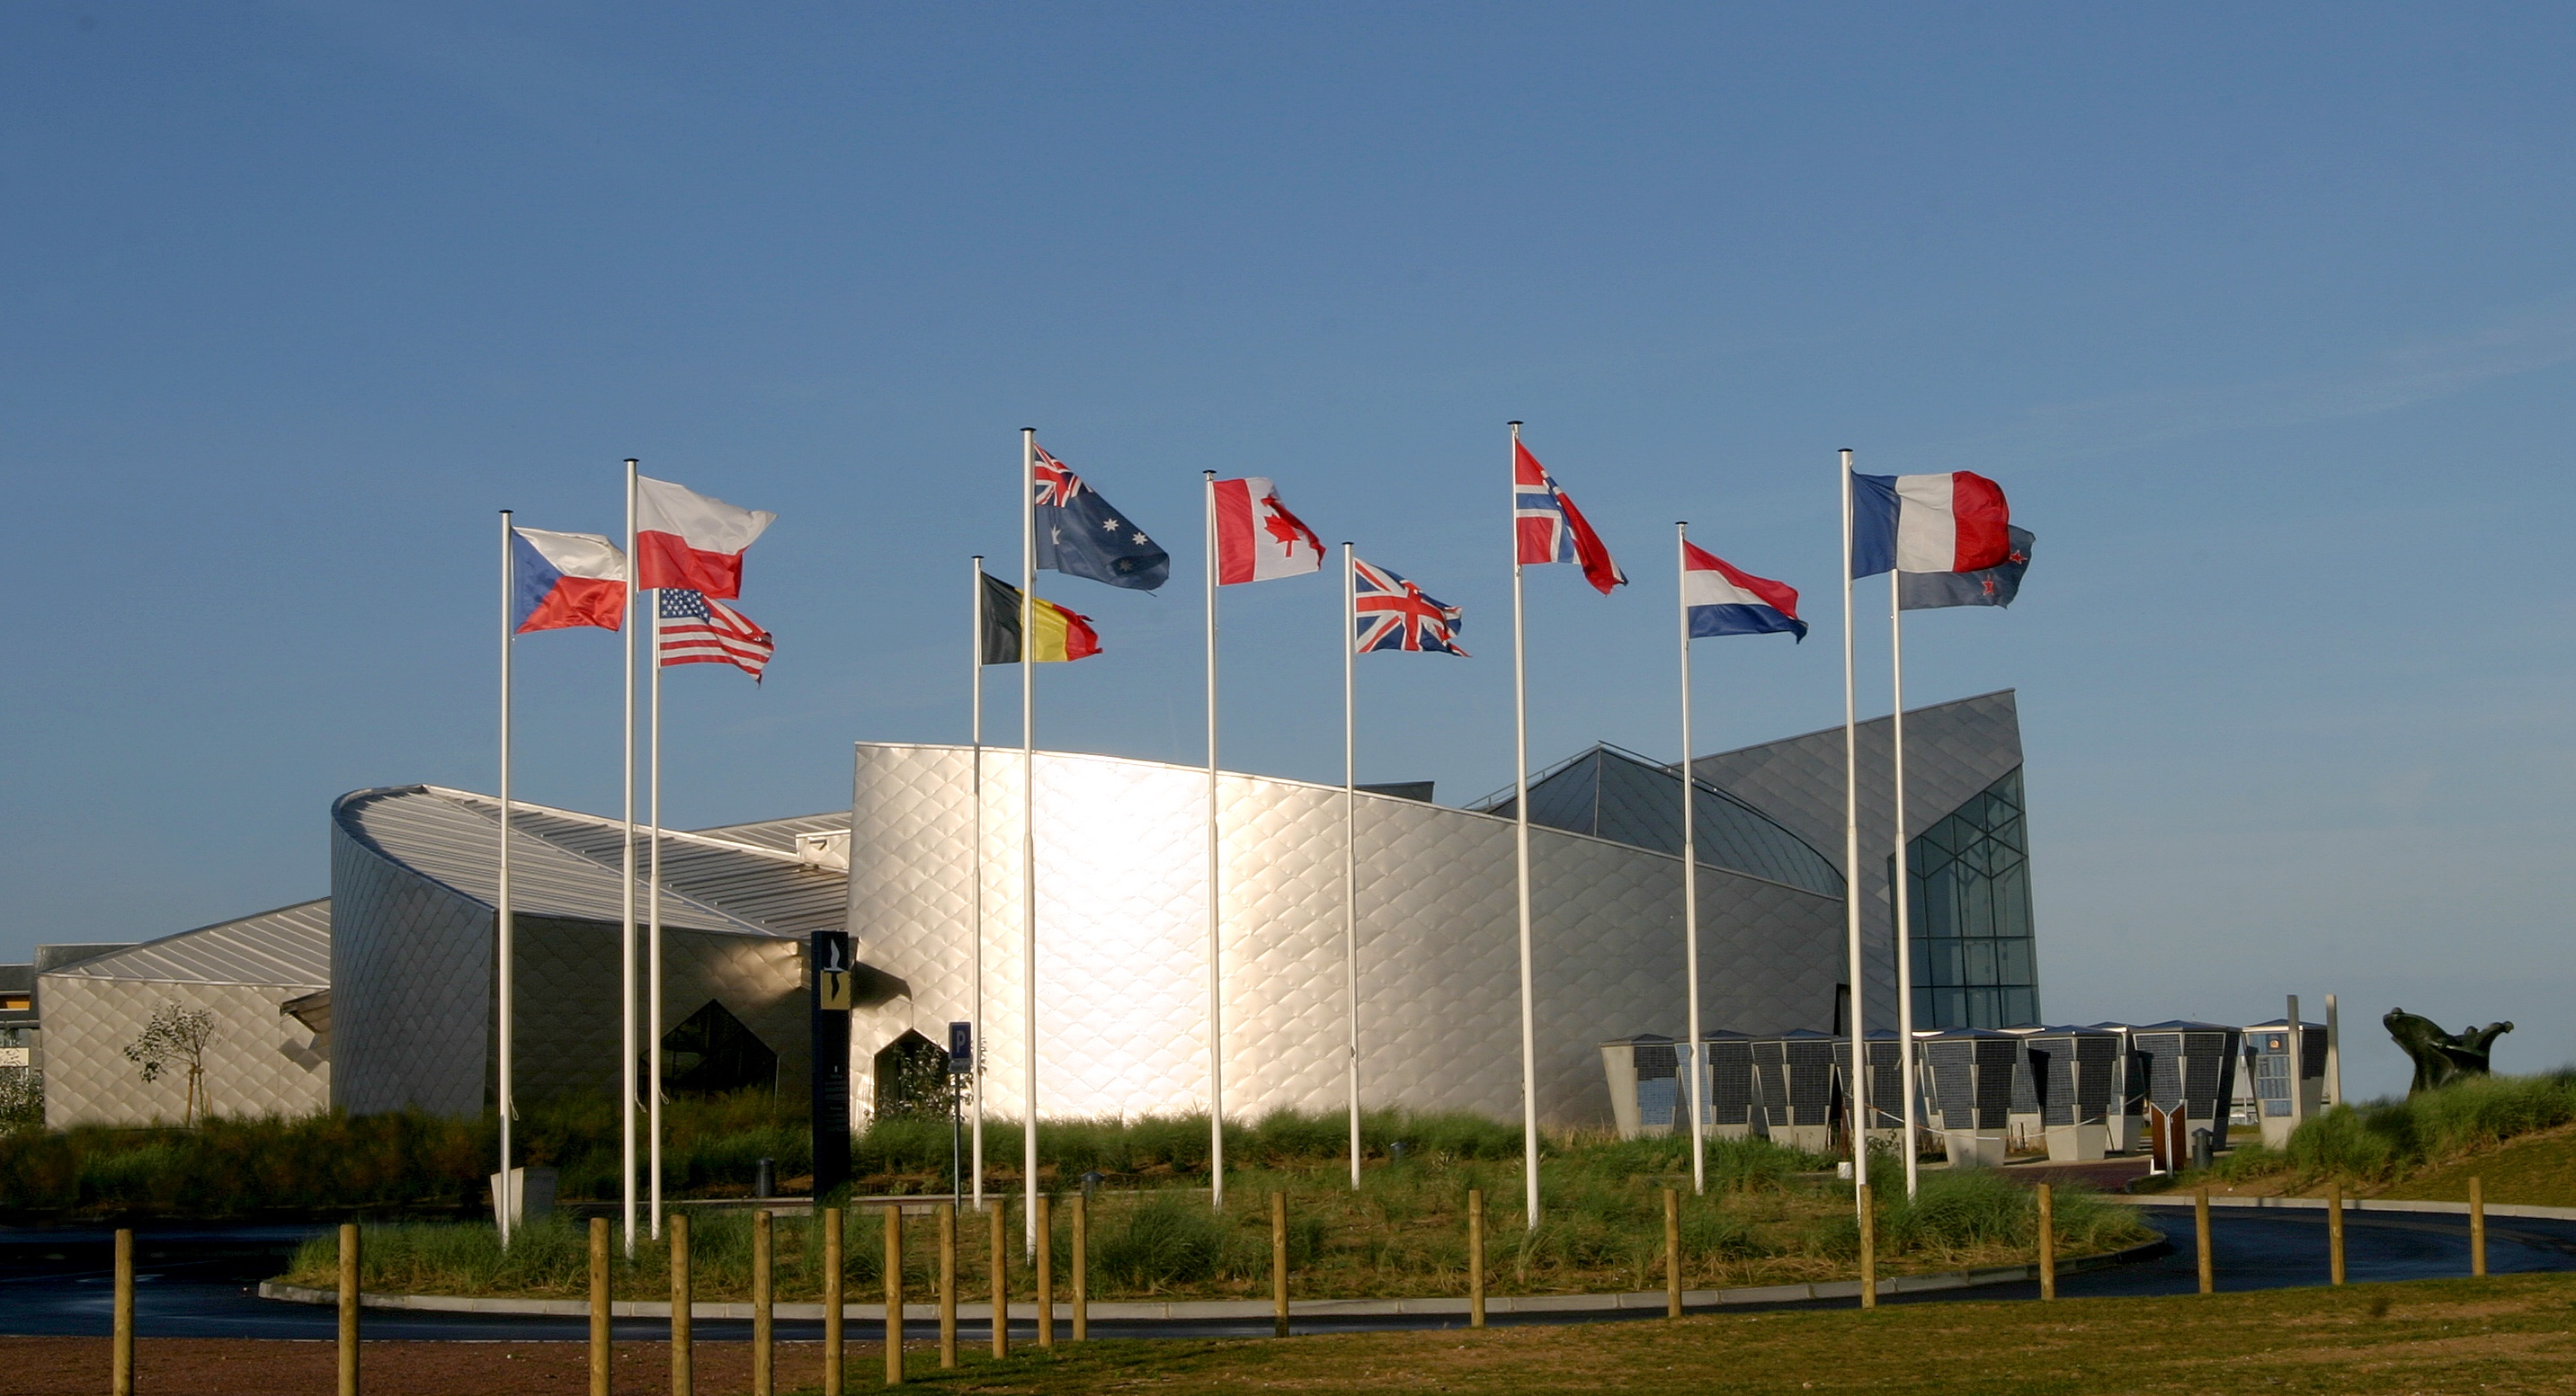 Colour photo. Juno Beach Centre viewed through 11 national flags.